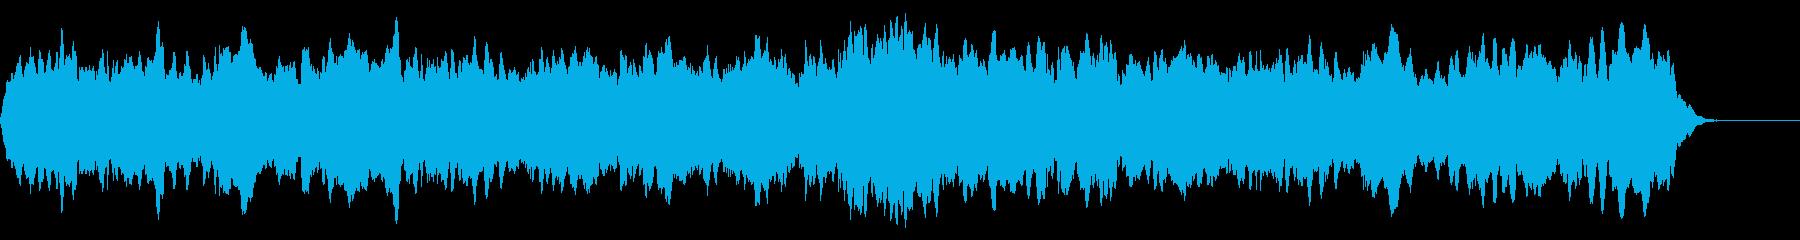 不思議な雰囲気の声に似たシンセサイザー曲の再生済みの波形